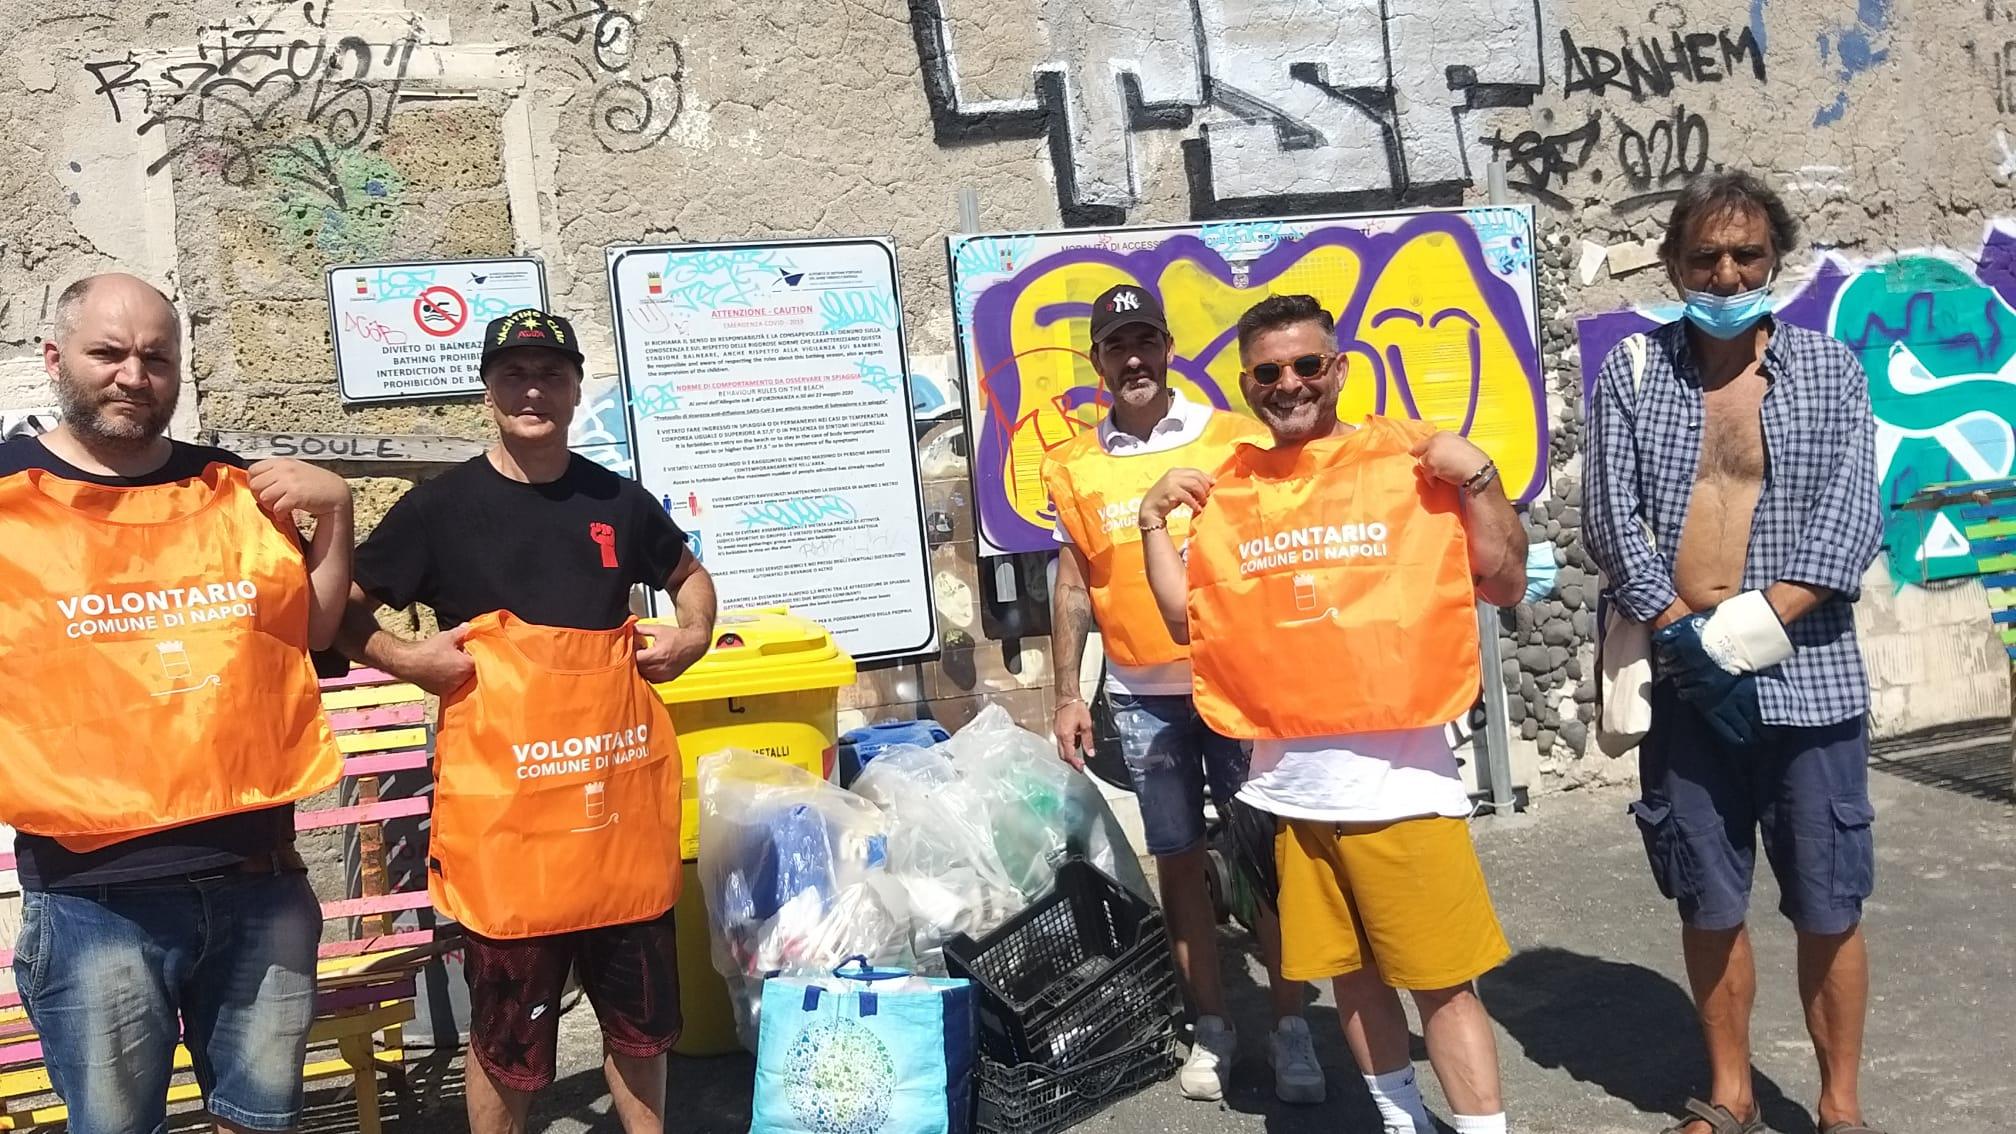 Napoli, i disoccupati organizzano lo sciopero a rovescio